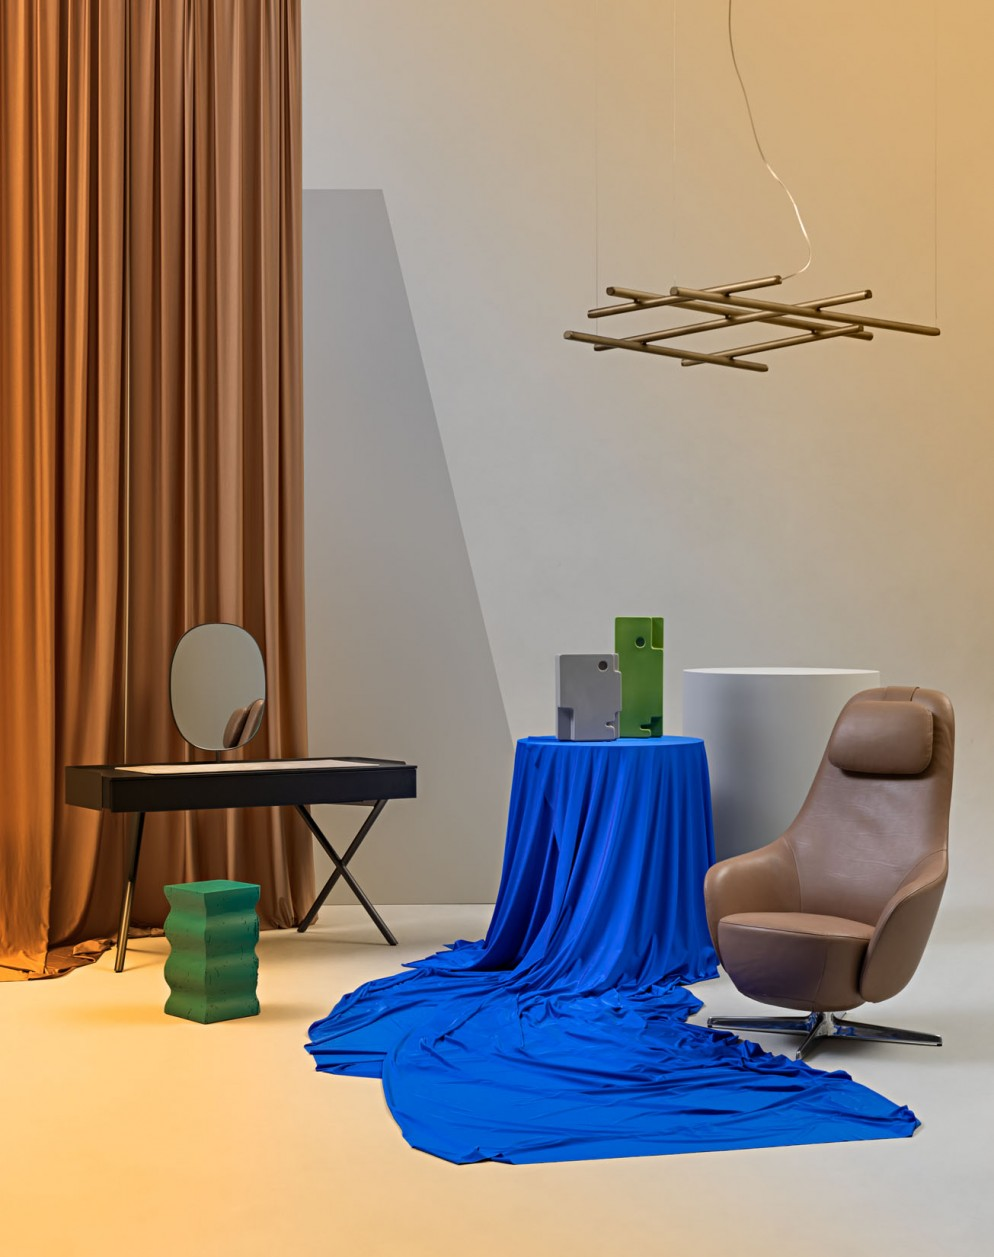 idee-per-arredare-salotto-divani-lampade-sedie-poltroncine-tavoli-04